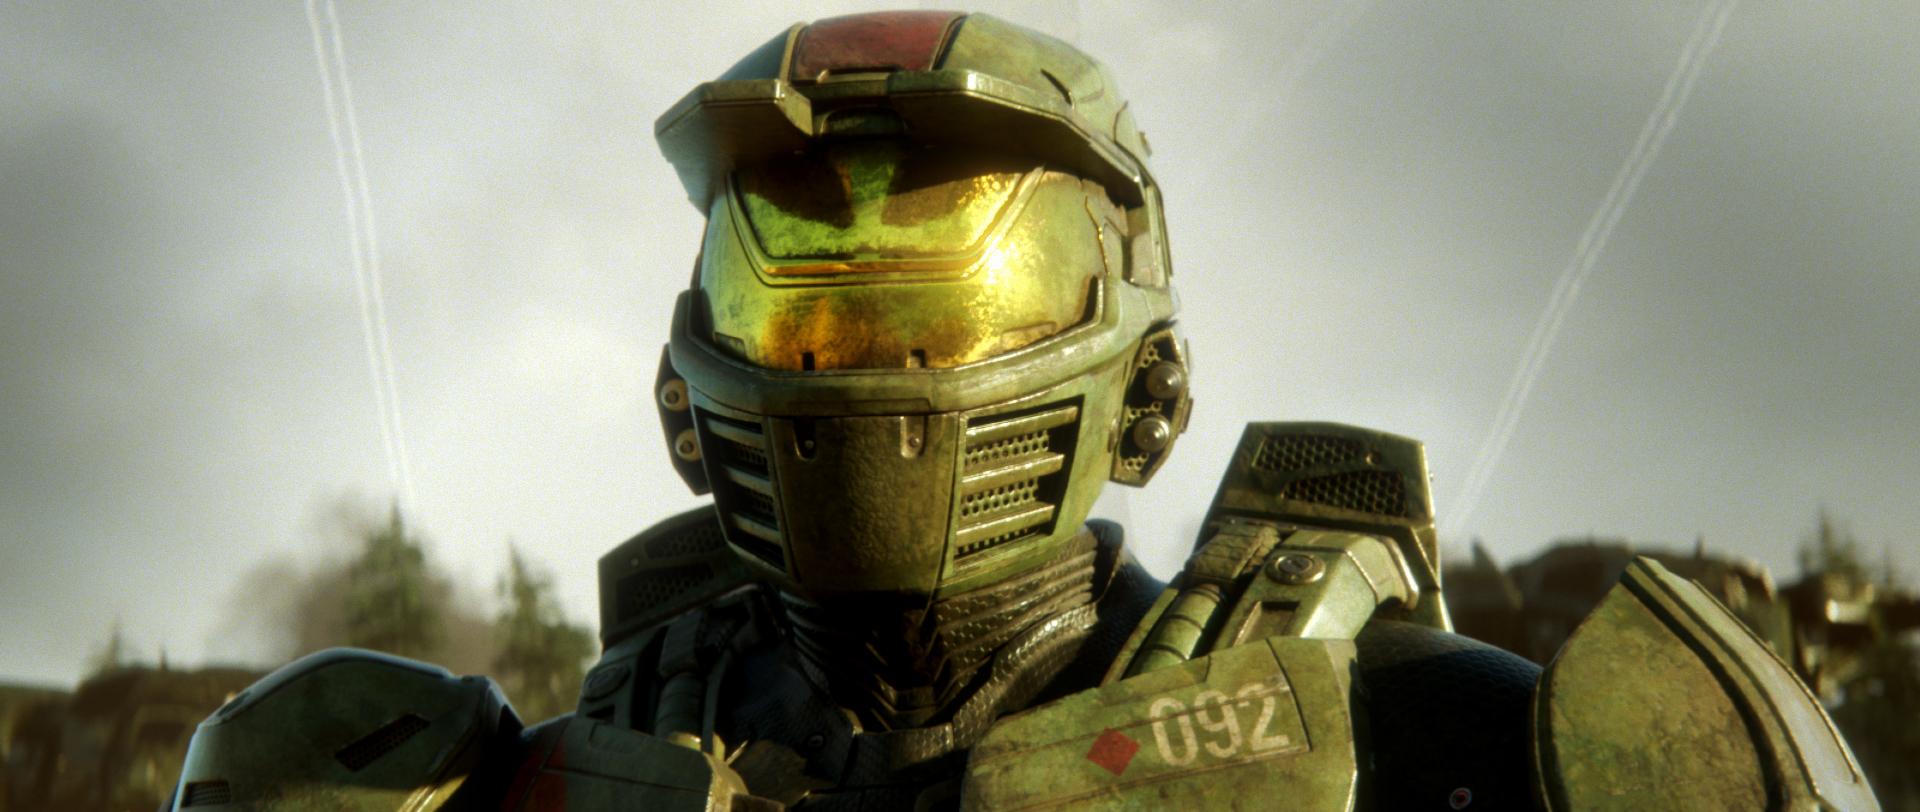 Halo 3 matchmaking története